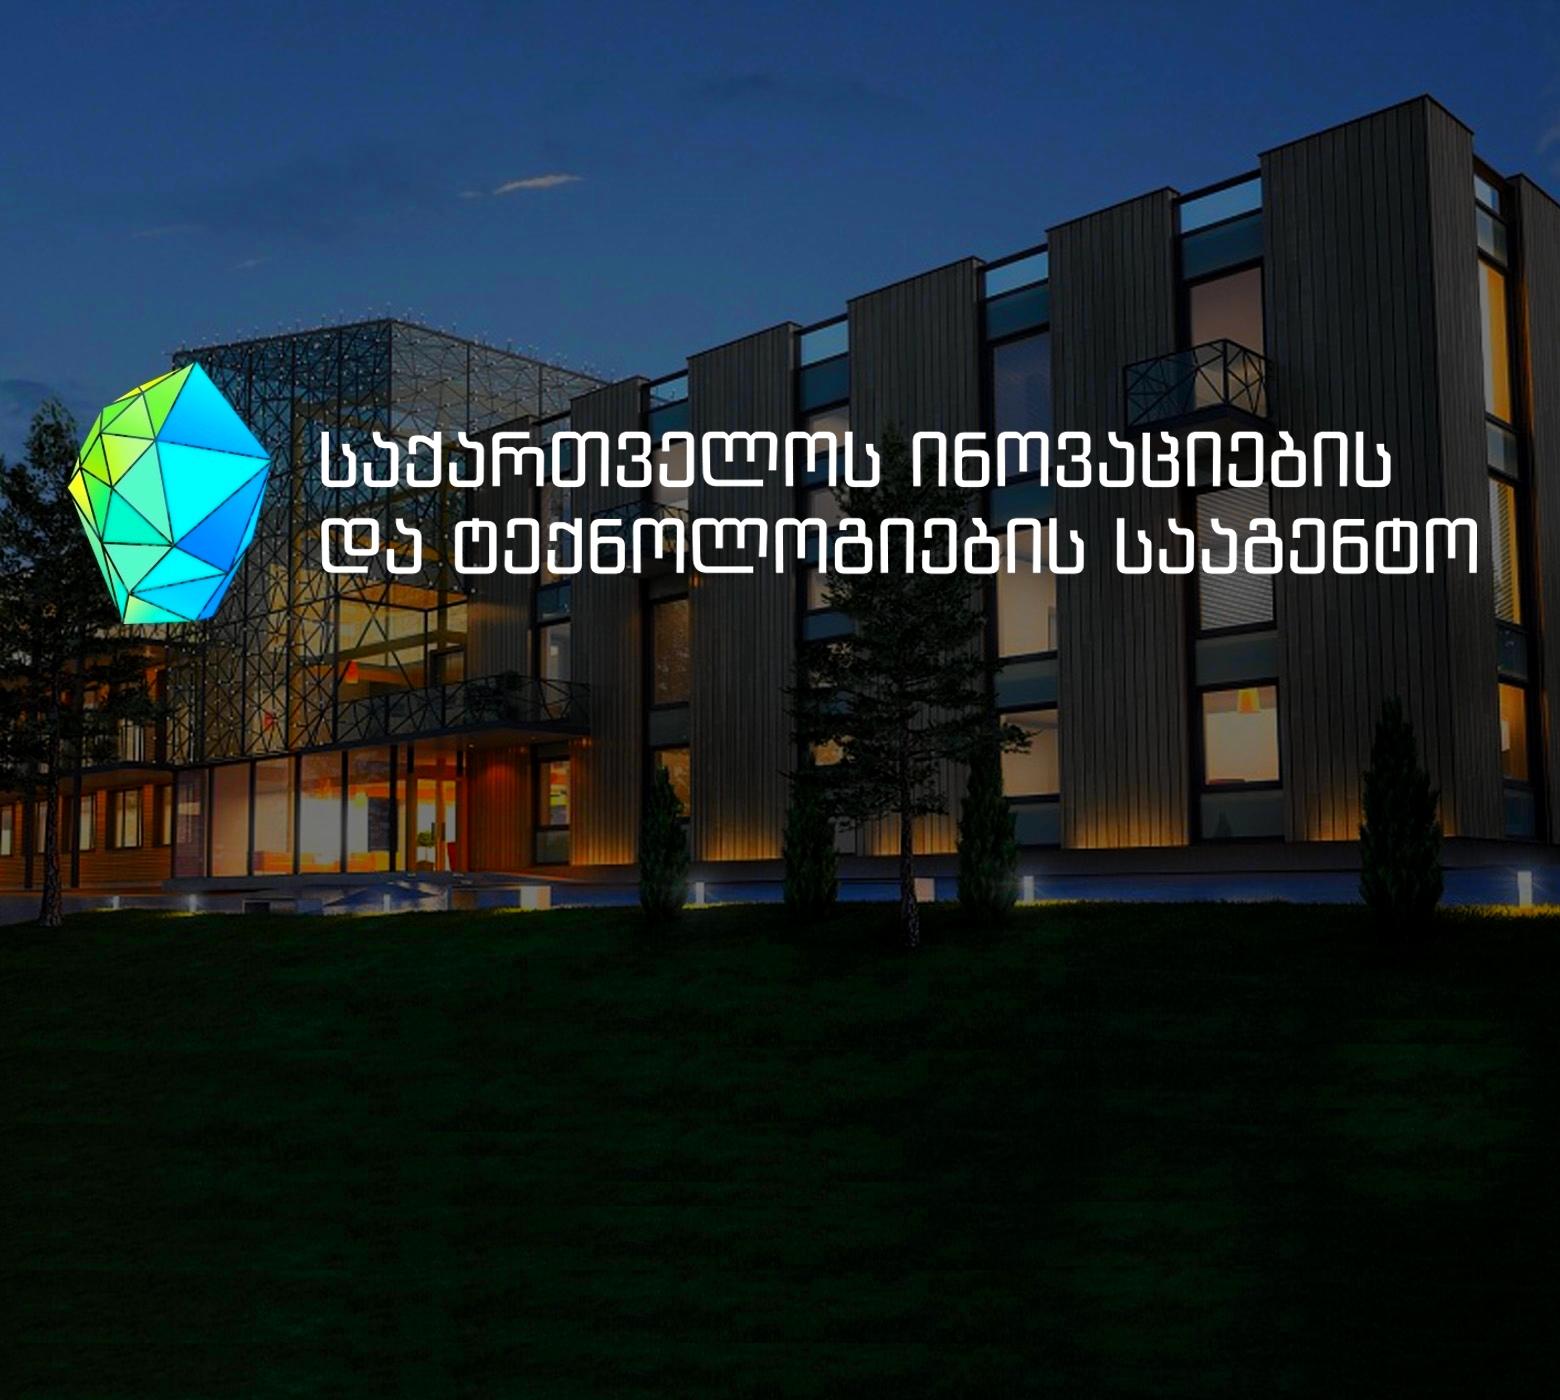 სტუდენტურ პროექტებს შორის საერთაშორისო ტექნოლოგიების კონკურსი